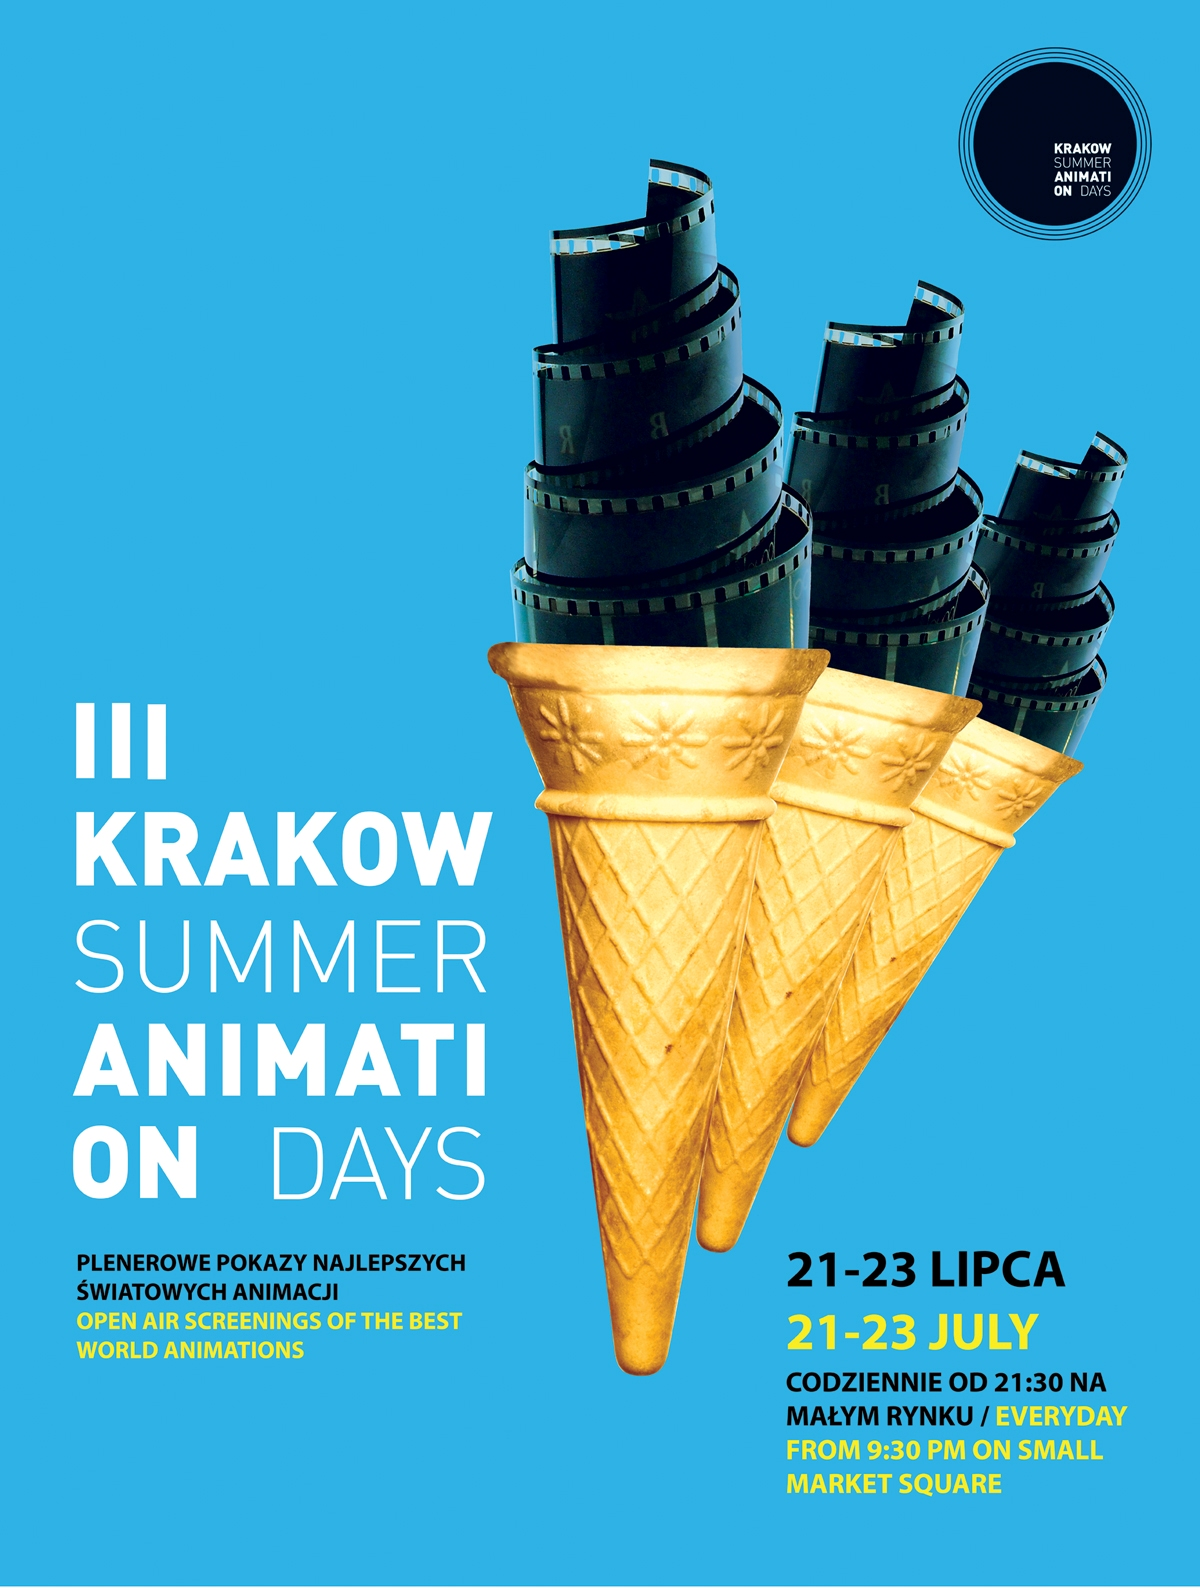 Krakow Summer Animation Days, plakat